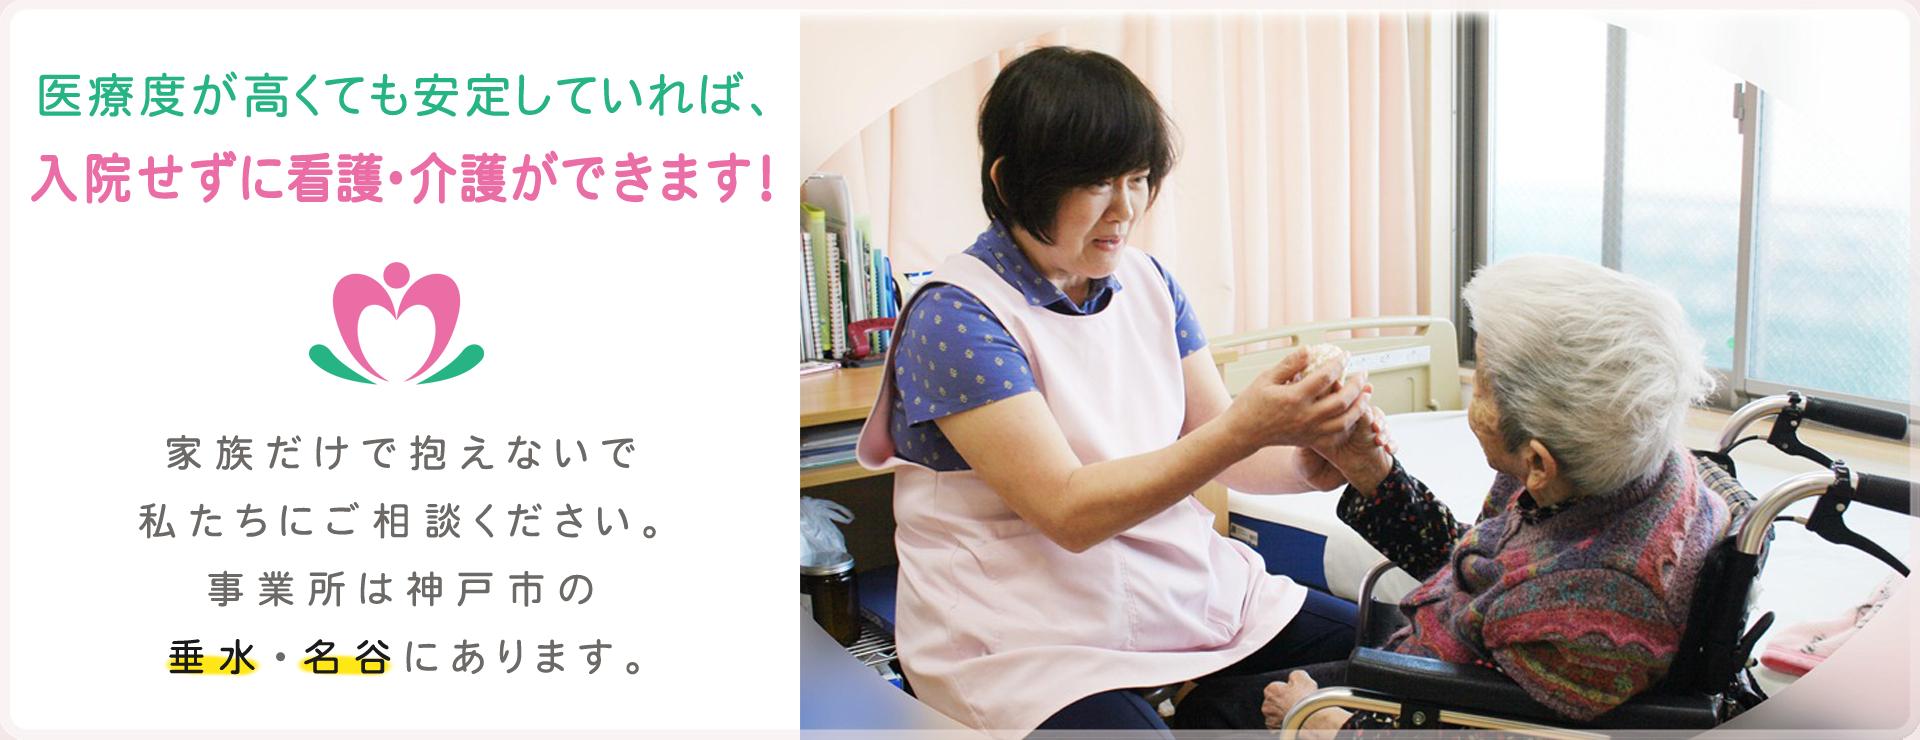 医療度が高くても安定していれば、入院せずに看護・介護ができます! 家族だけで抱えないで私たちにご相談ください。事業所は神戸市の垂水・御影・名谷にあります。